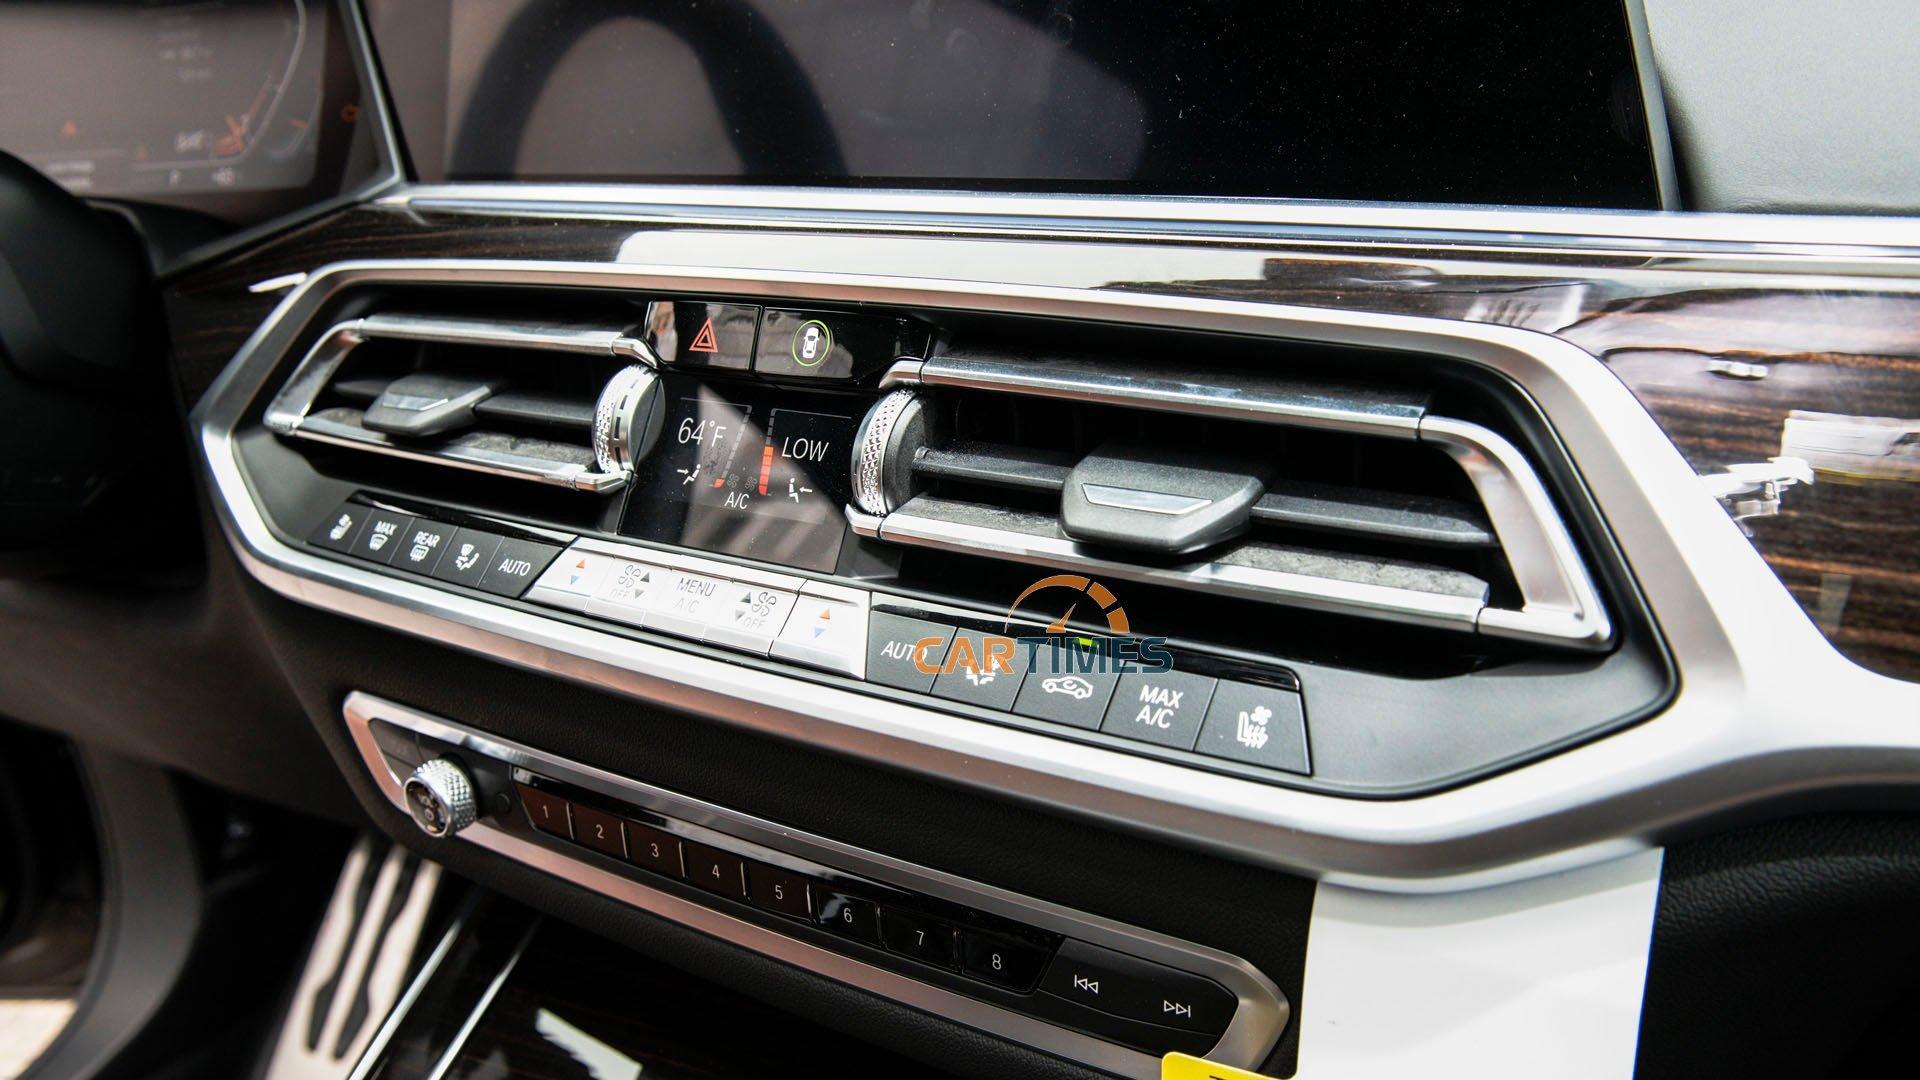 Giá hơn 7 tỷ đồng, BMW X7 thứ 2 về Việt Nam có những trang bị gì? Ảnh 16